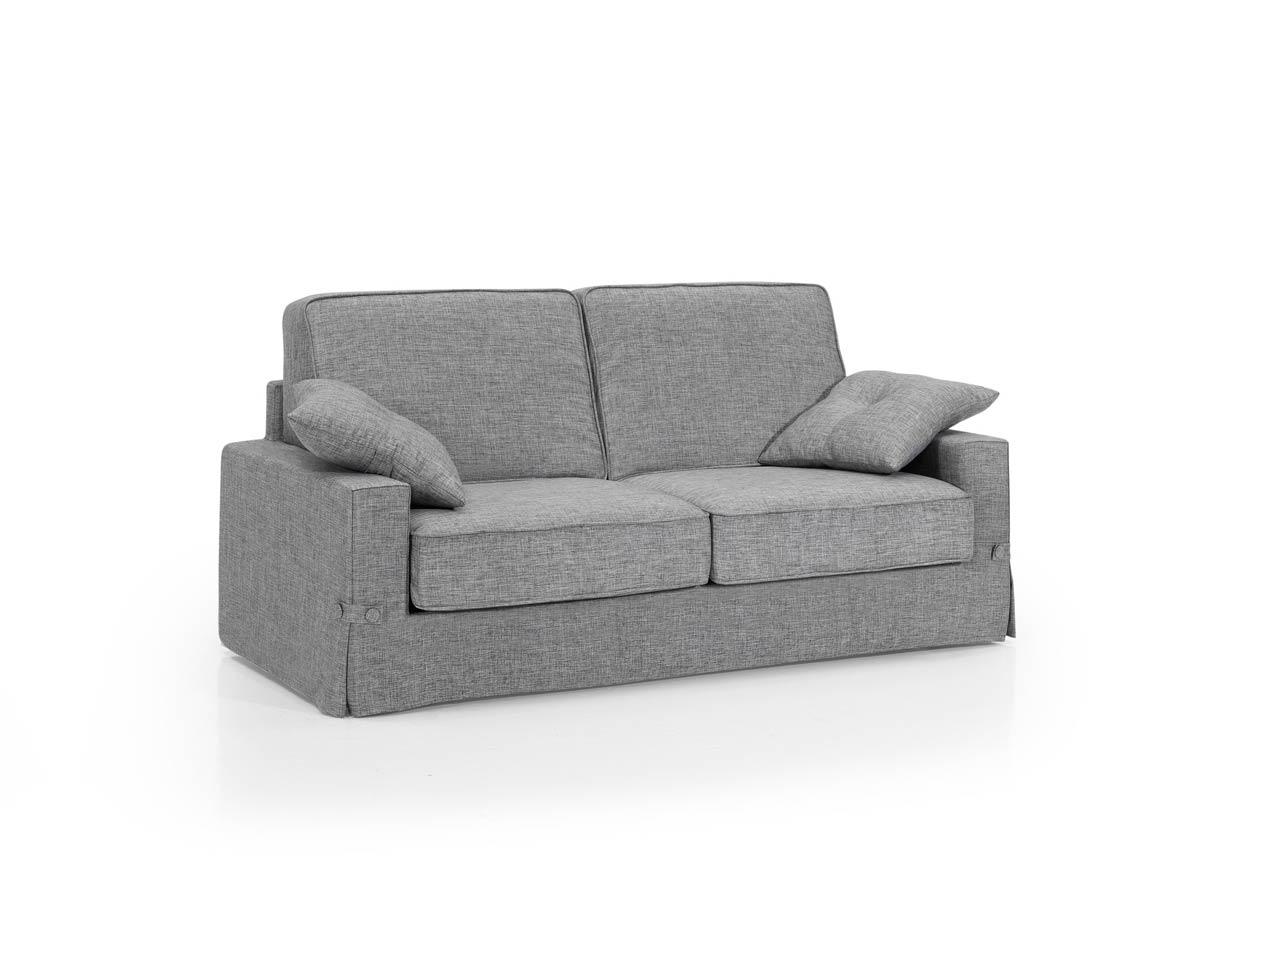 Comprar sofa cama online doble cara - Sofas cama comodos ...